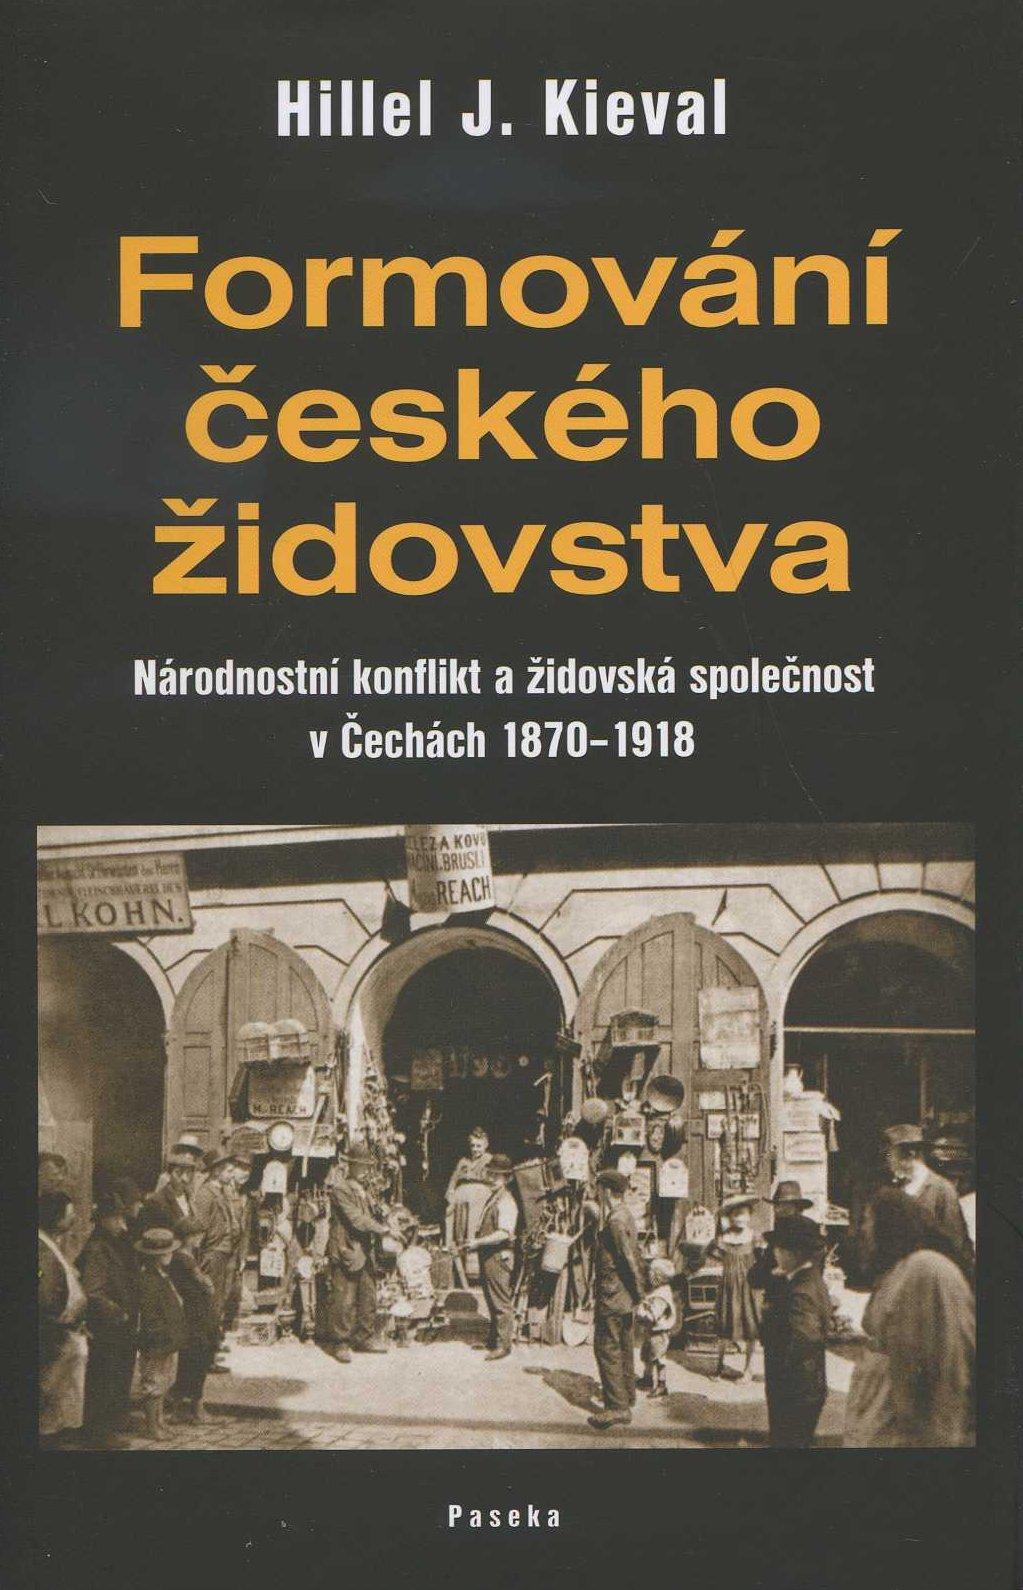 Formování českého židovstva - Národnostní konflikt a židovská společnost v Čechách 1870–1918